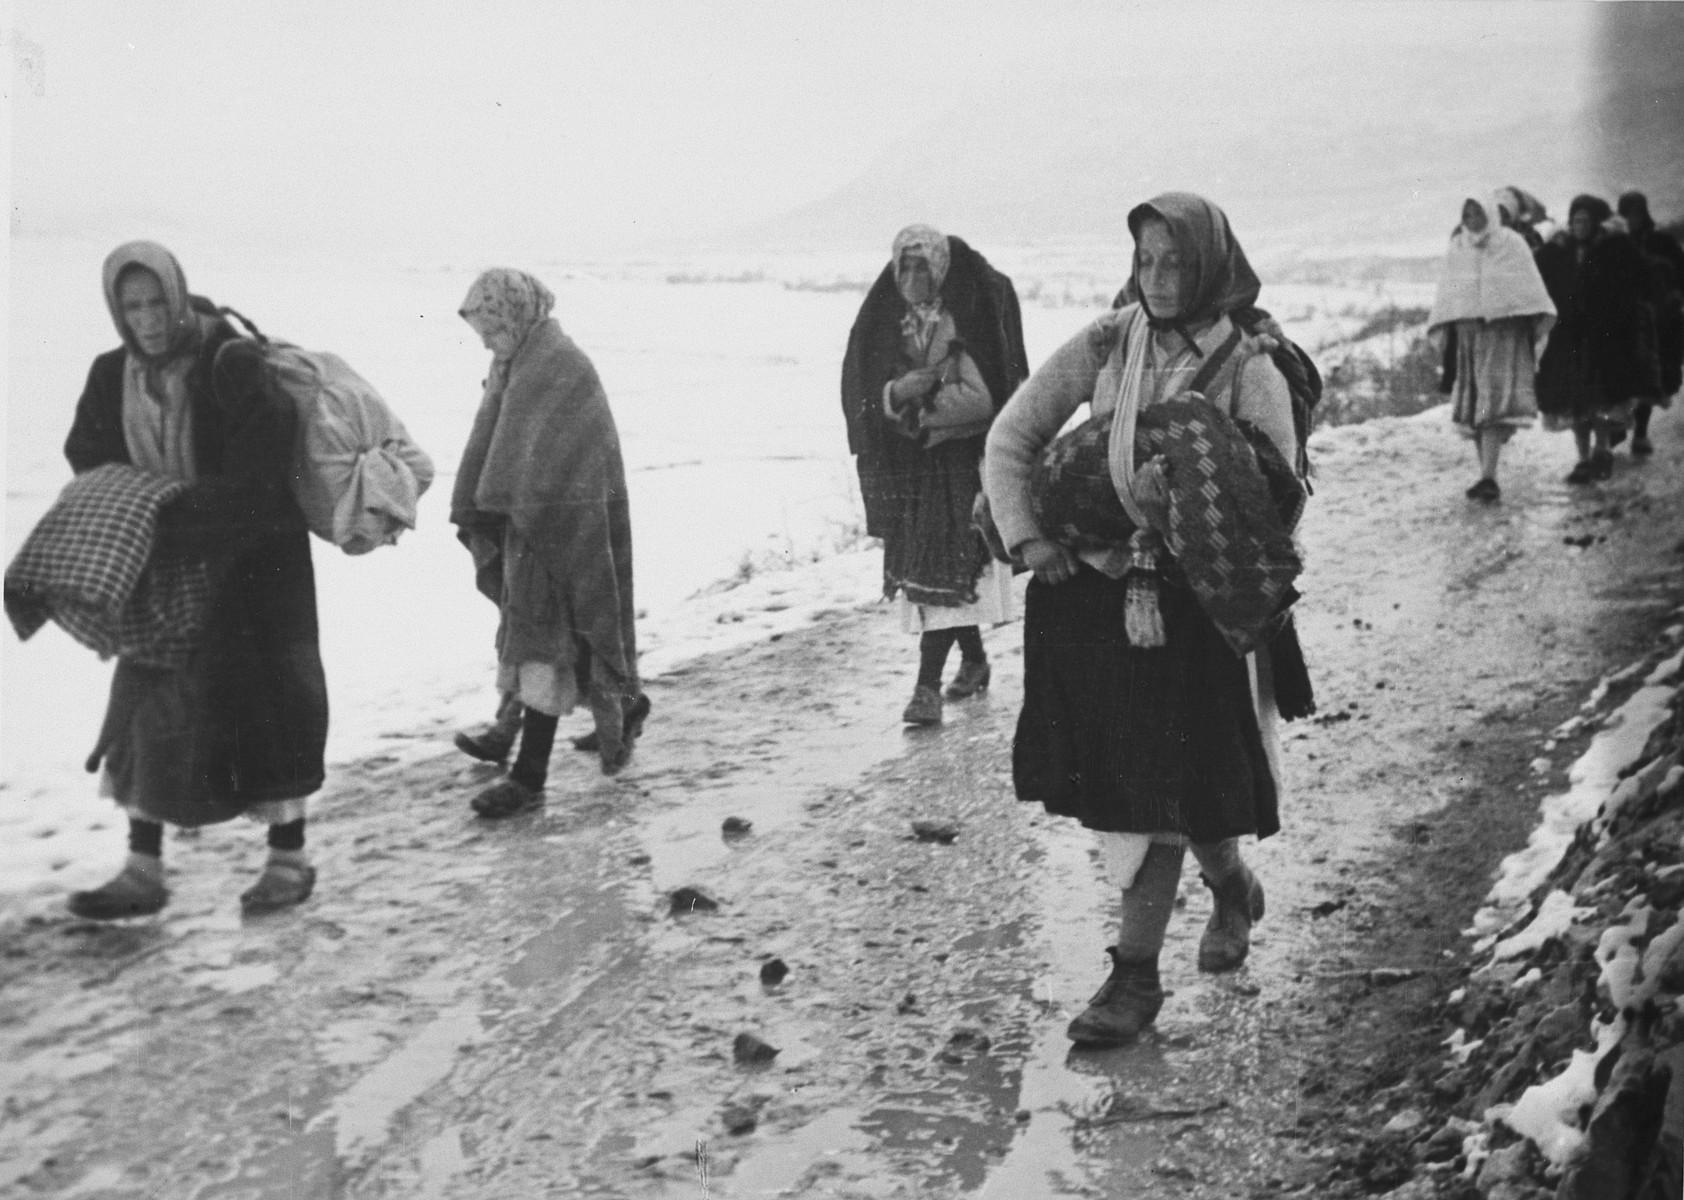 """Female refugees walk down on a path in Croatia carrying their belongings.   The original Waffen-SS caption reads  """"Fluechtlinge, die von den Partisanen gewaltsam mitgeschleppt wurden, kehren in ihre Heimat zurueck"""" Tranlsation: """"Refugees, who were dragged forcibly by the partisans, return to their homes""""."""